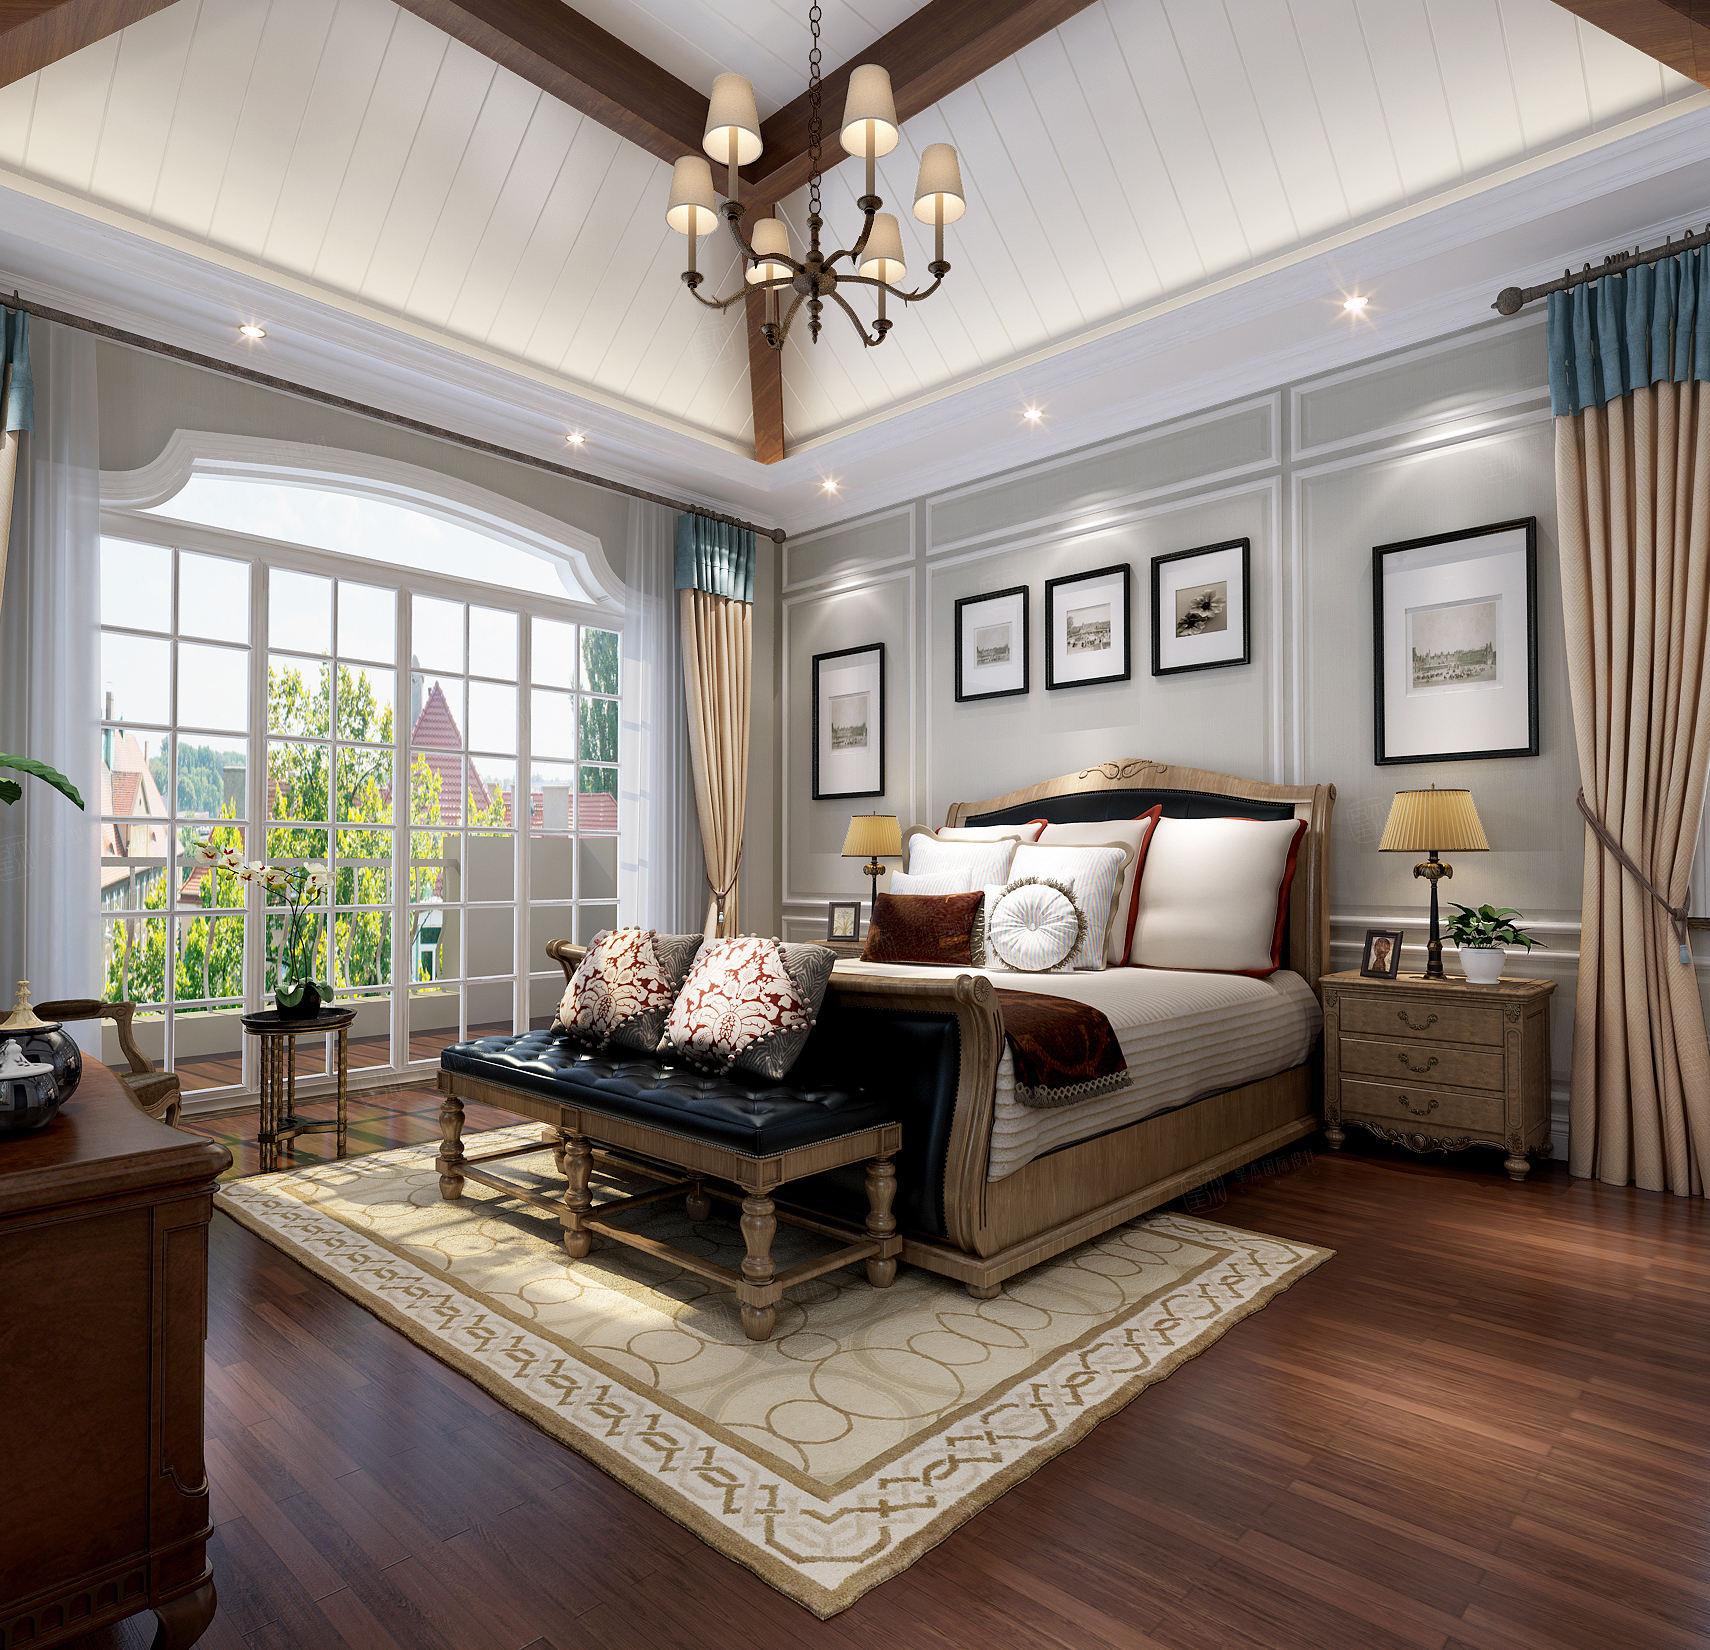 富力湾 西班牙风格装修卧室效果图